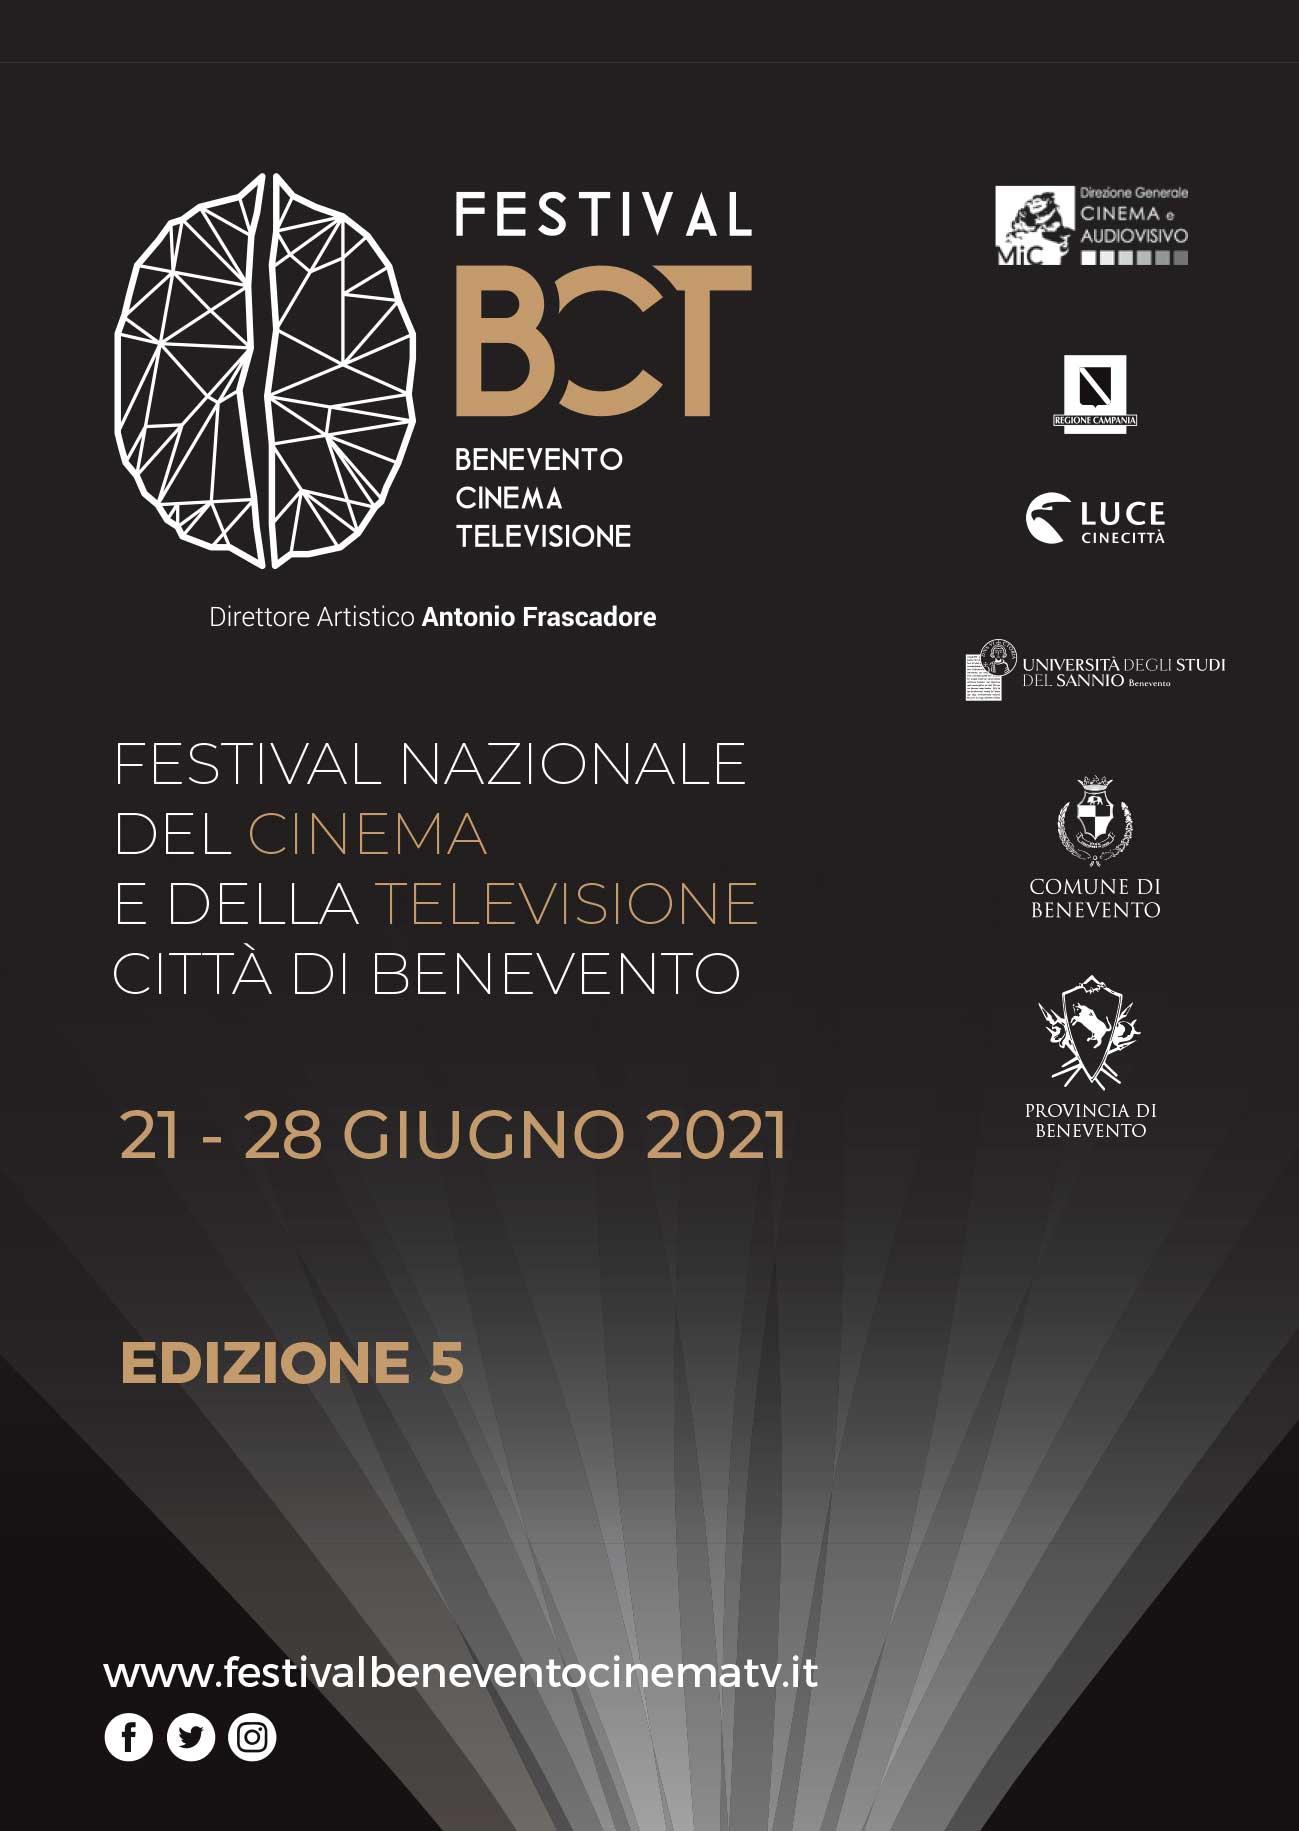 BCT Festival 2021